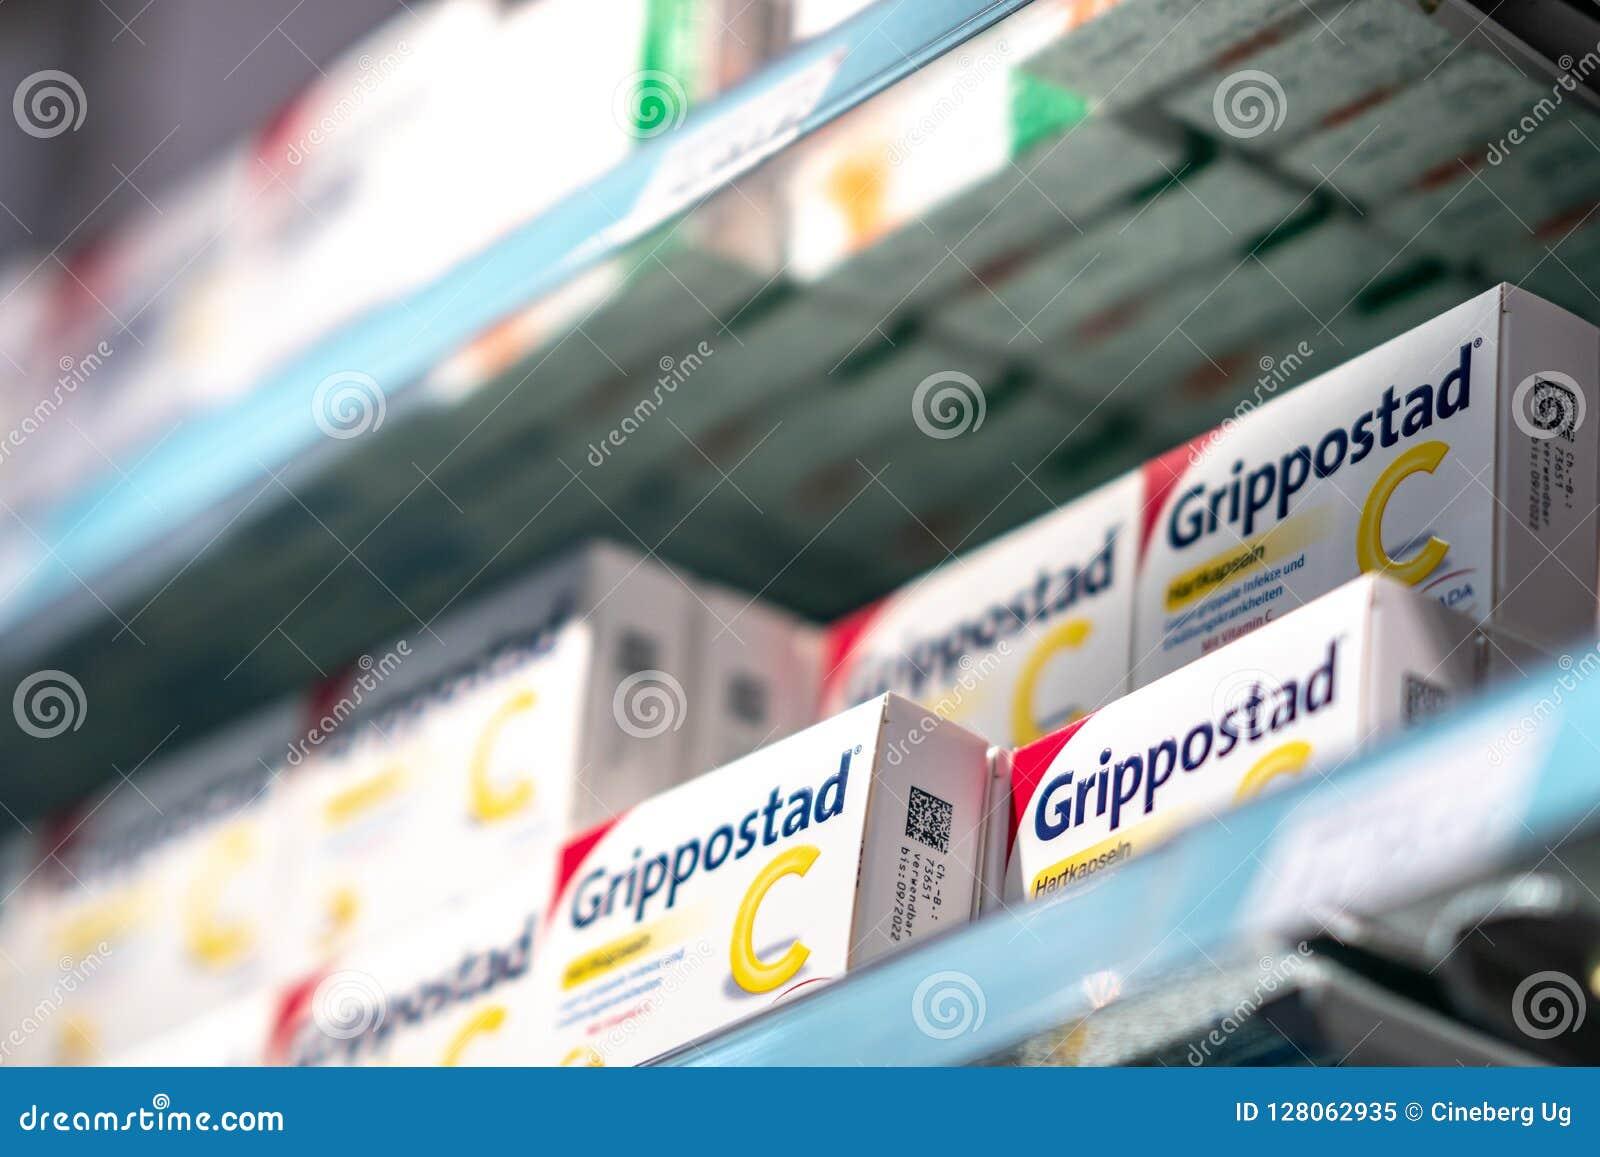 Grippostad-Paracetamol für Verkauf